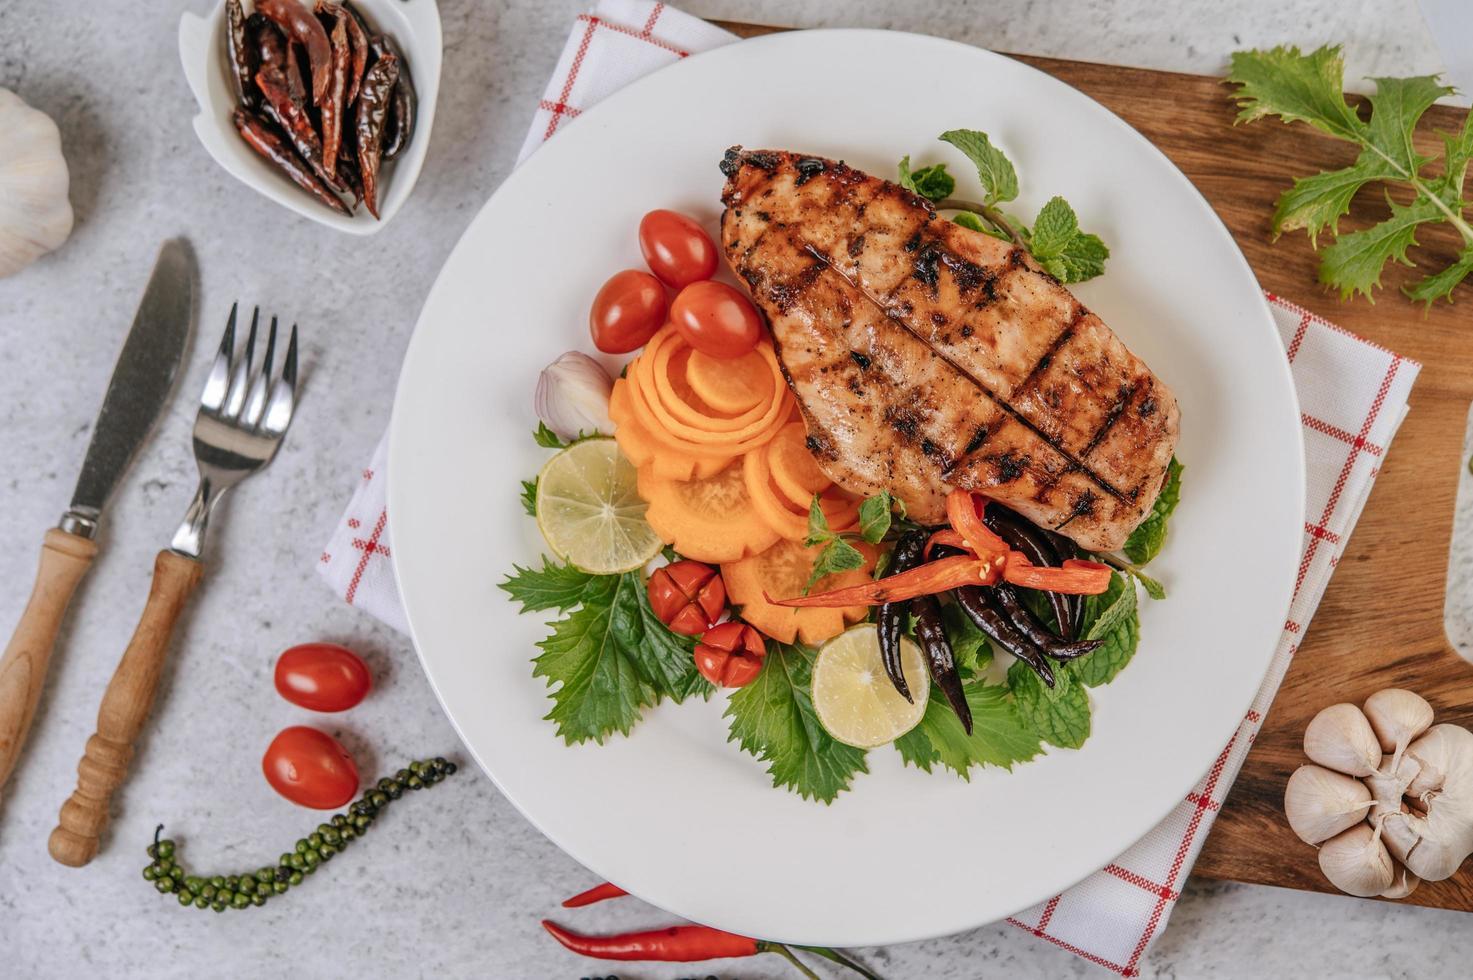 Hühnchensteak mit Gemüse foto